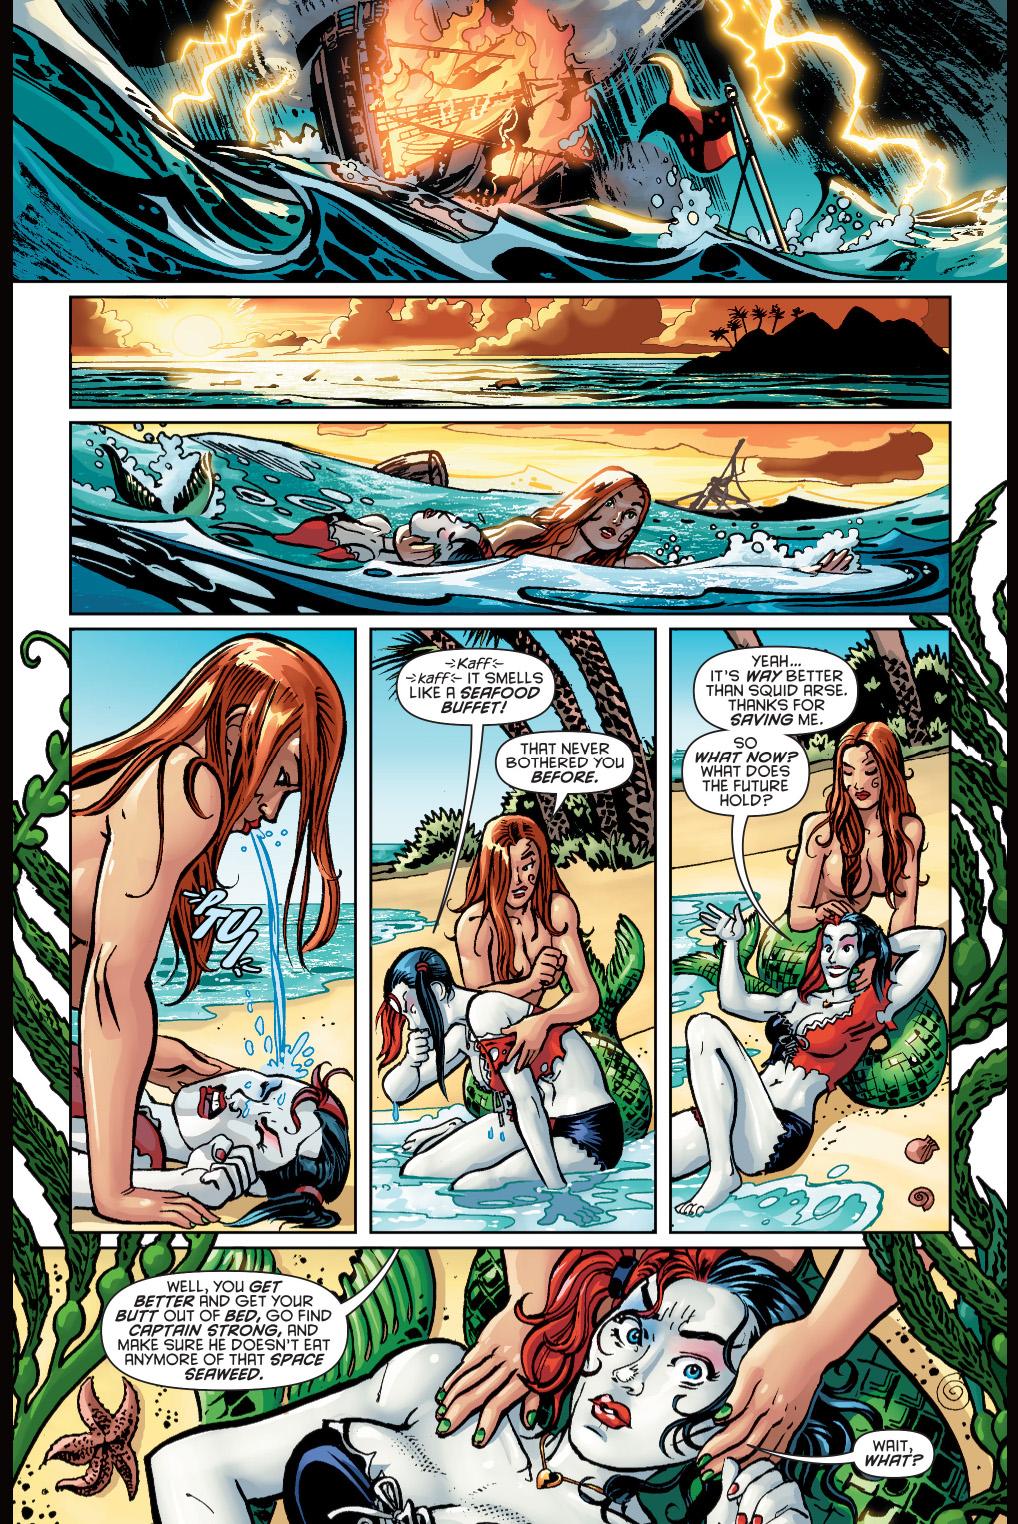 harley quinn's pirate dream